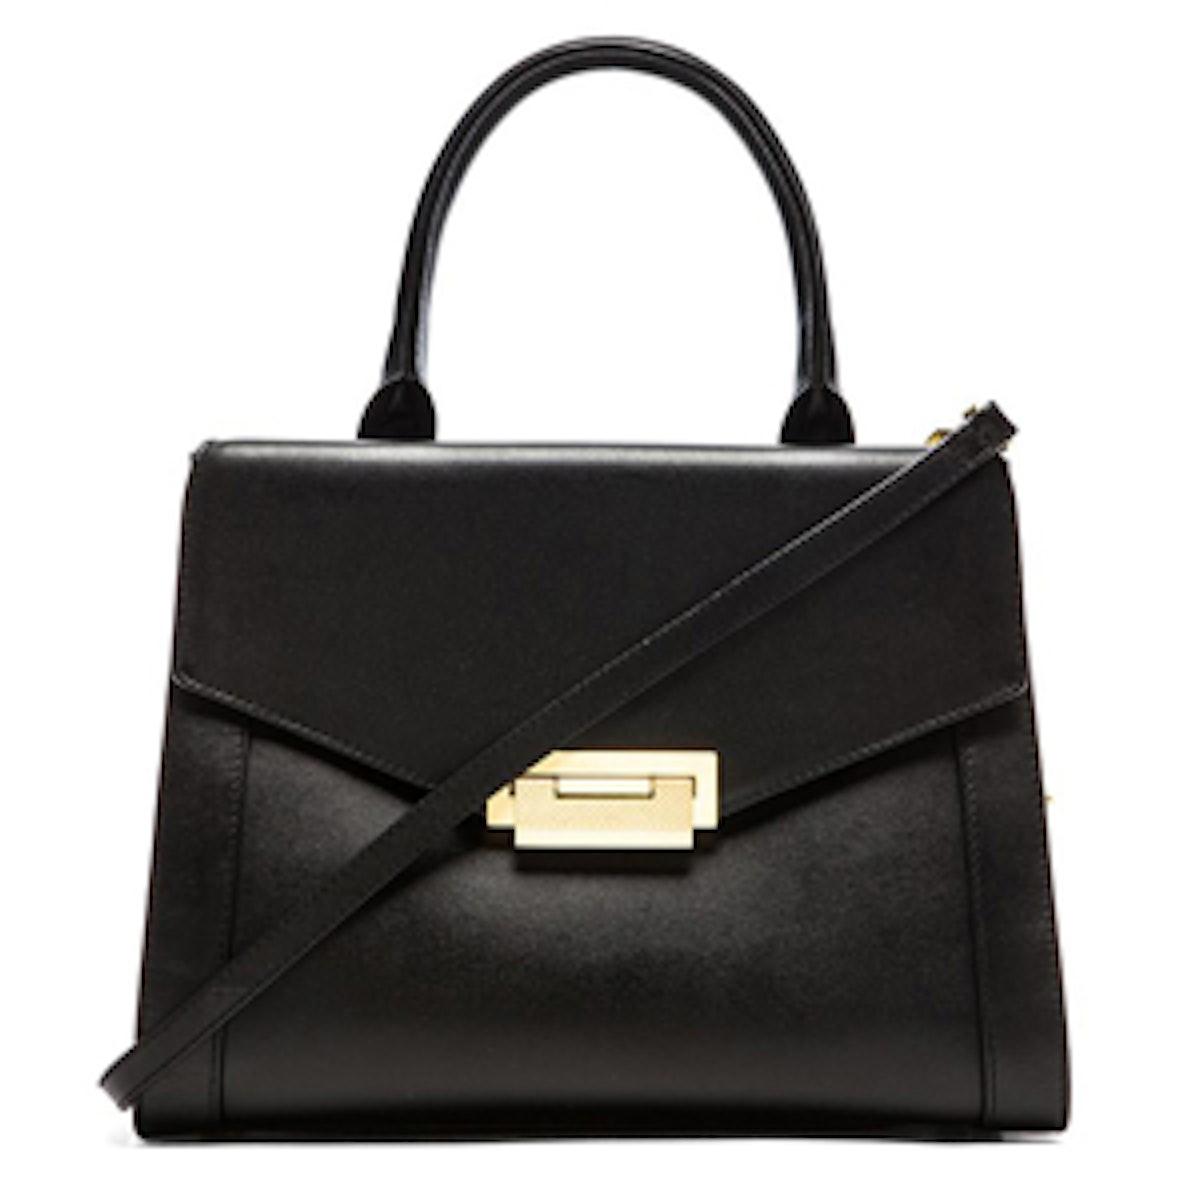 Clarke Bag